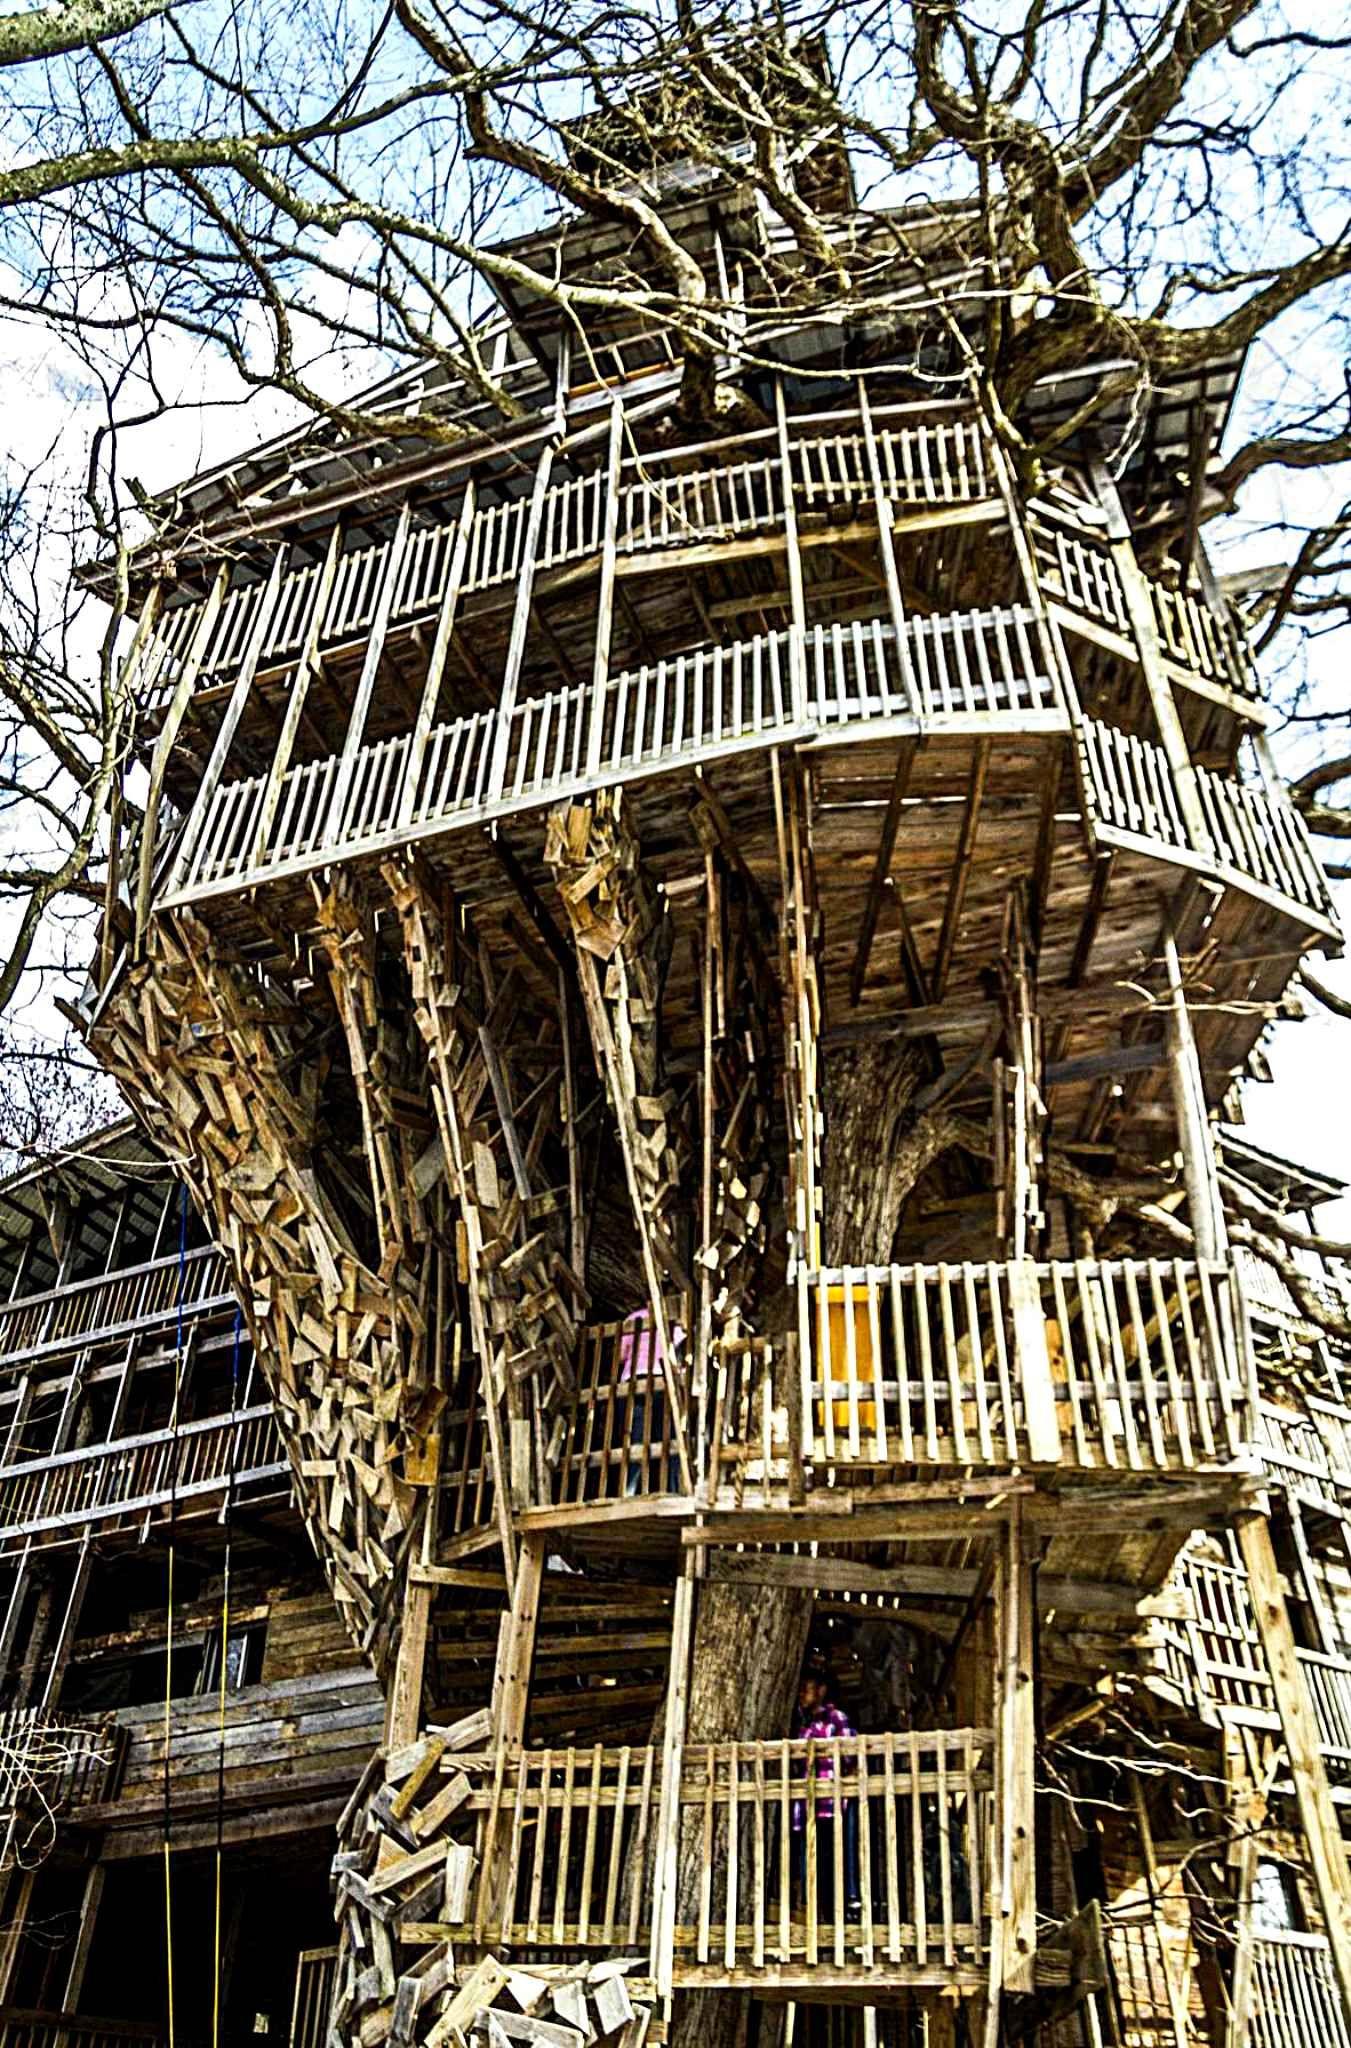 cette maison se trouve a crossville dans le tennessee il s agit de la plus grande maison en arbre jamais realisee le penseur completement fou de ce projet